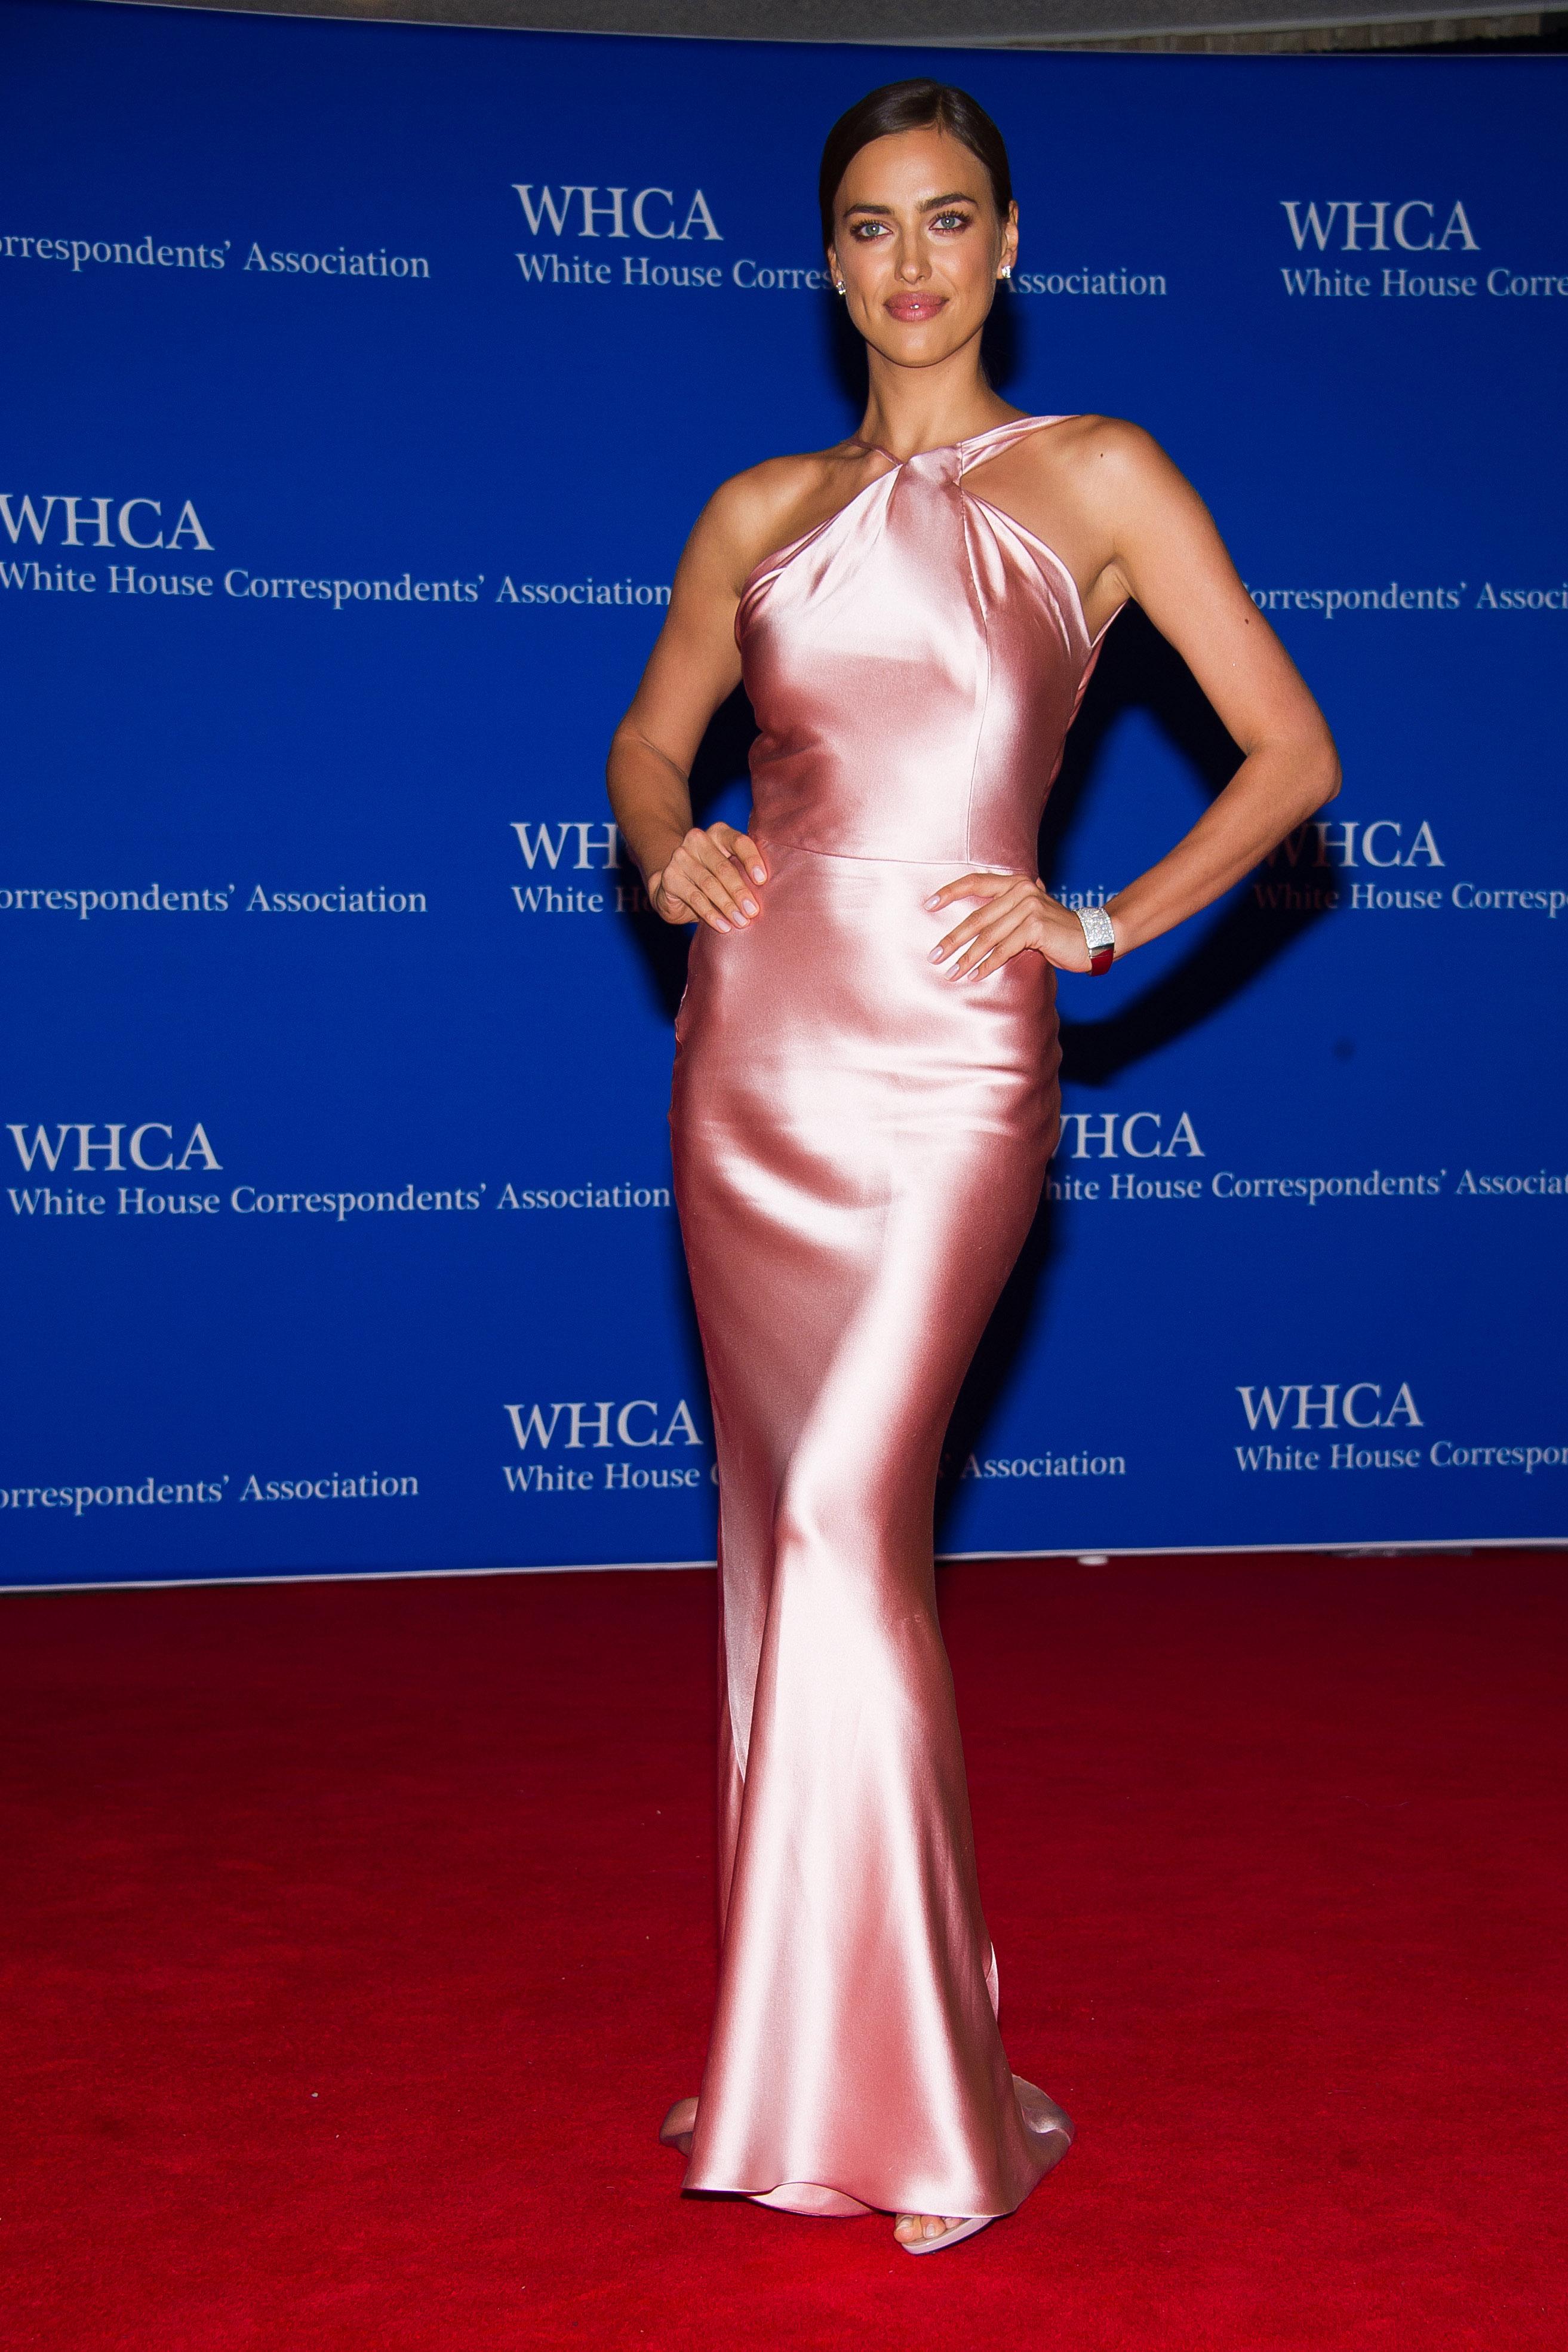 Российская модель Ирина Шейк